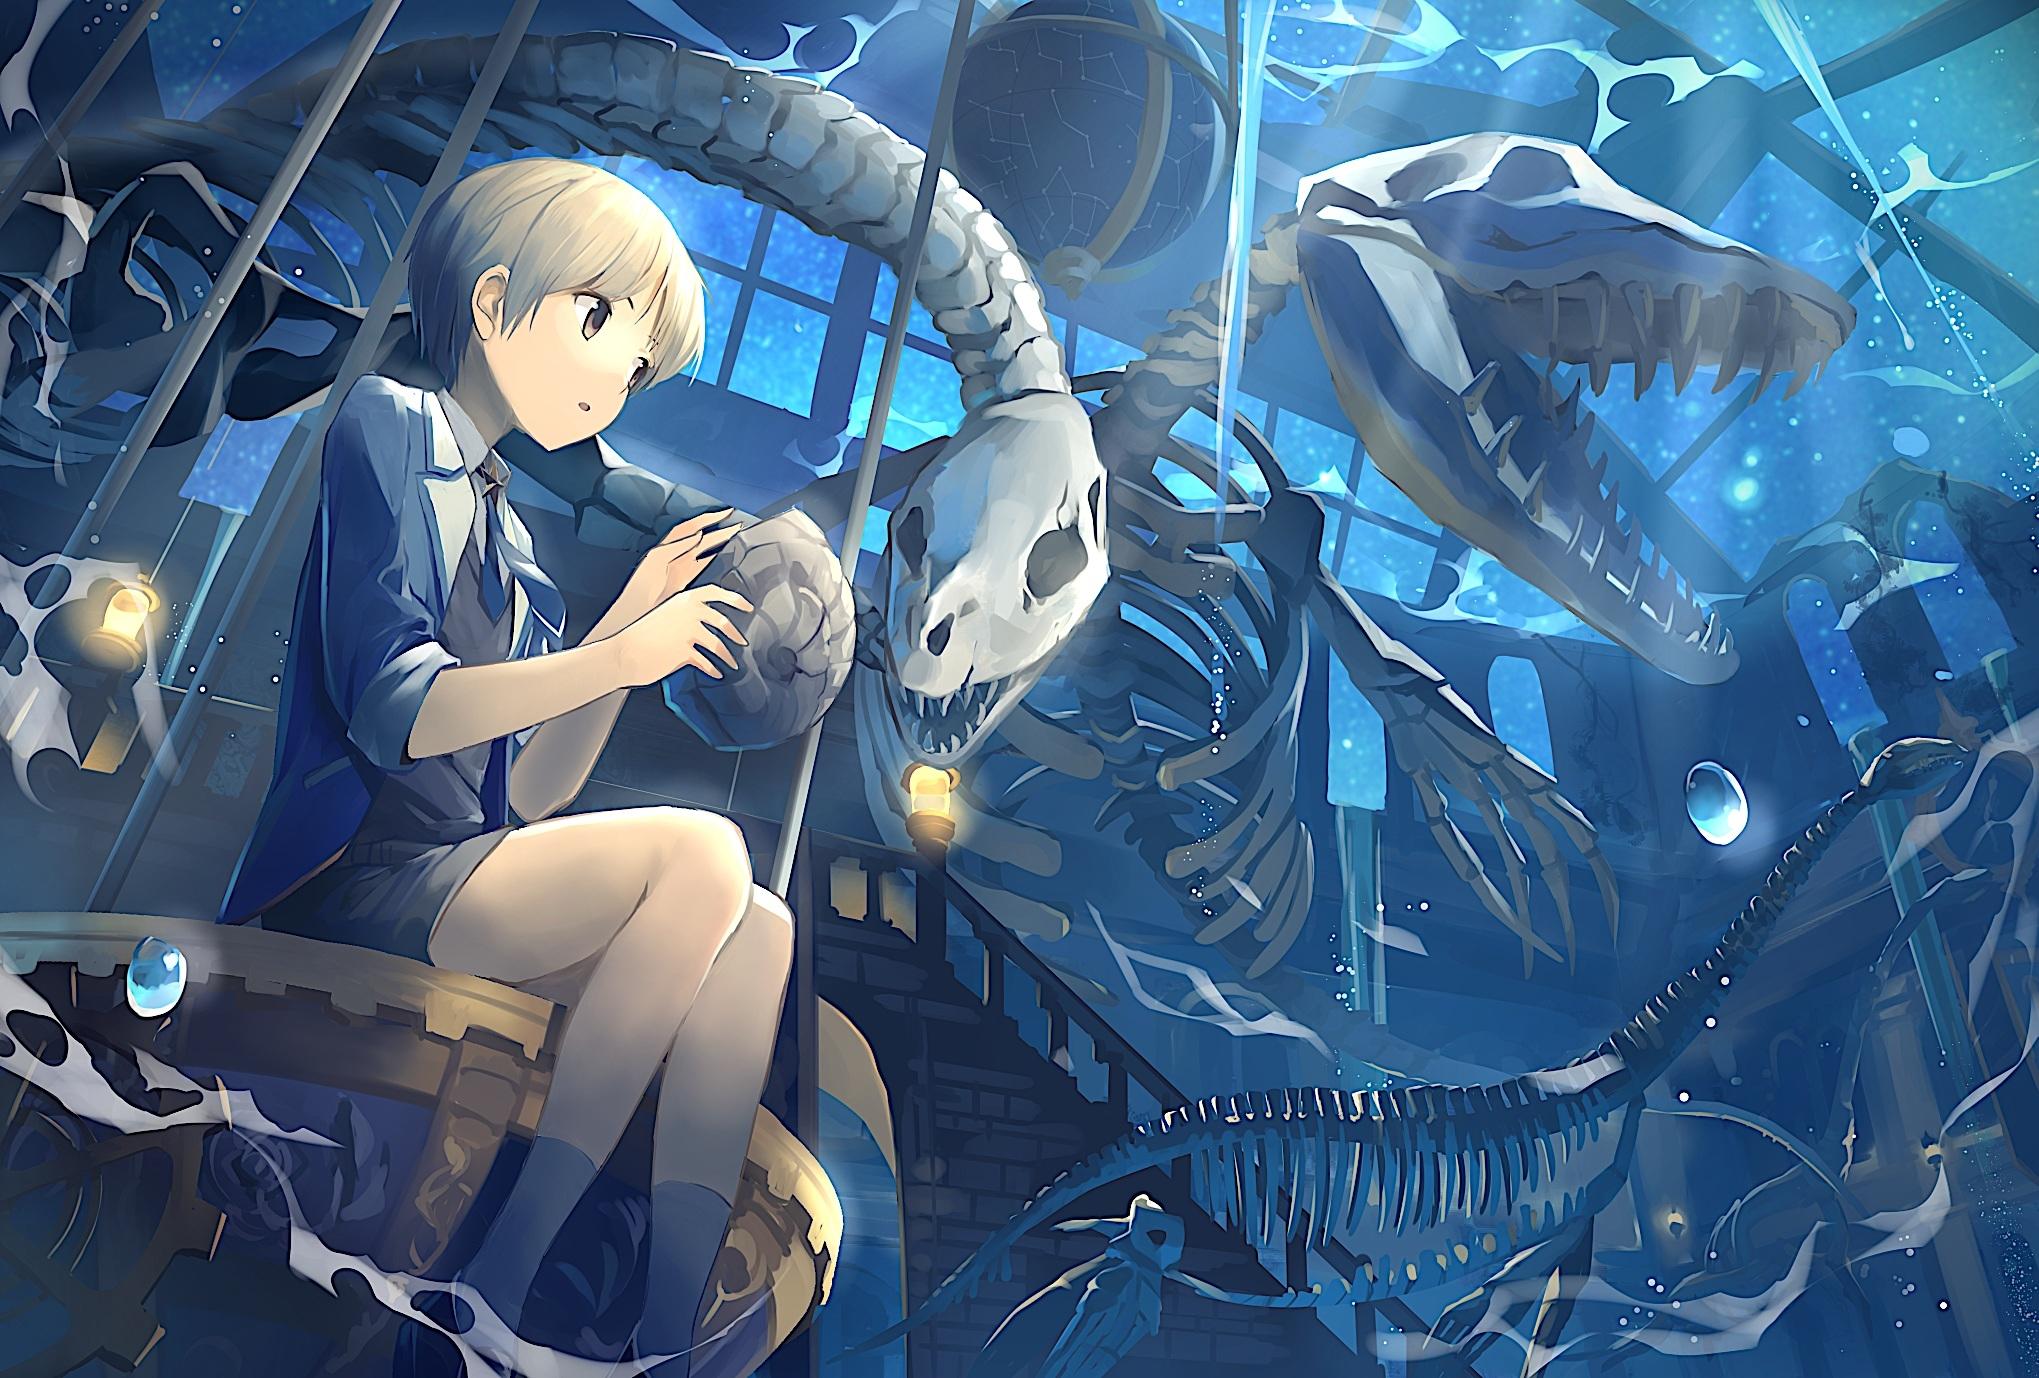 O que falta para Tayuya e Kimimaro...? Anime-boy-skeleton-sky-stars